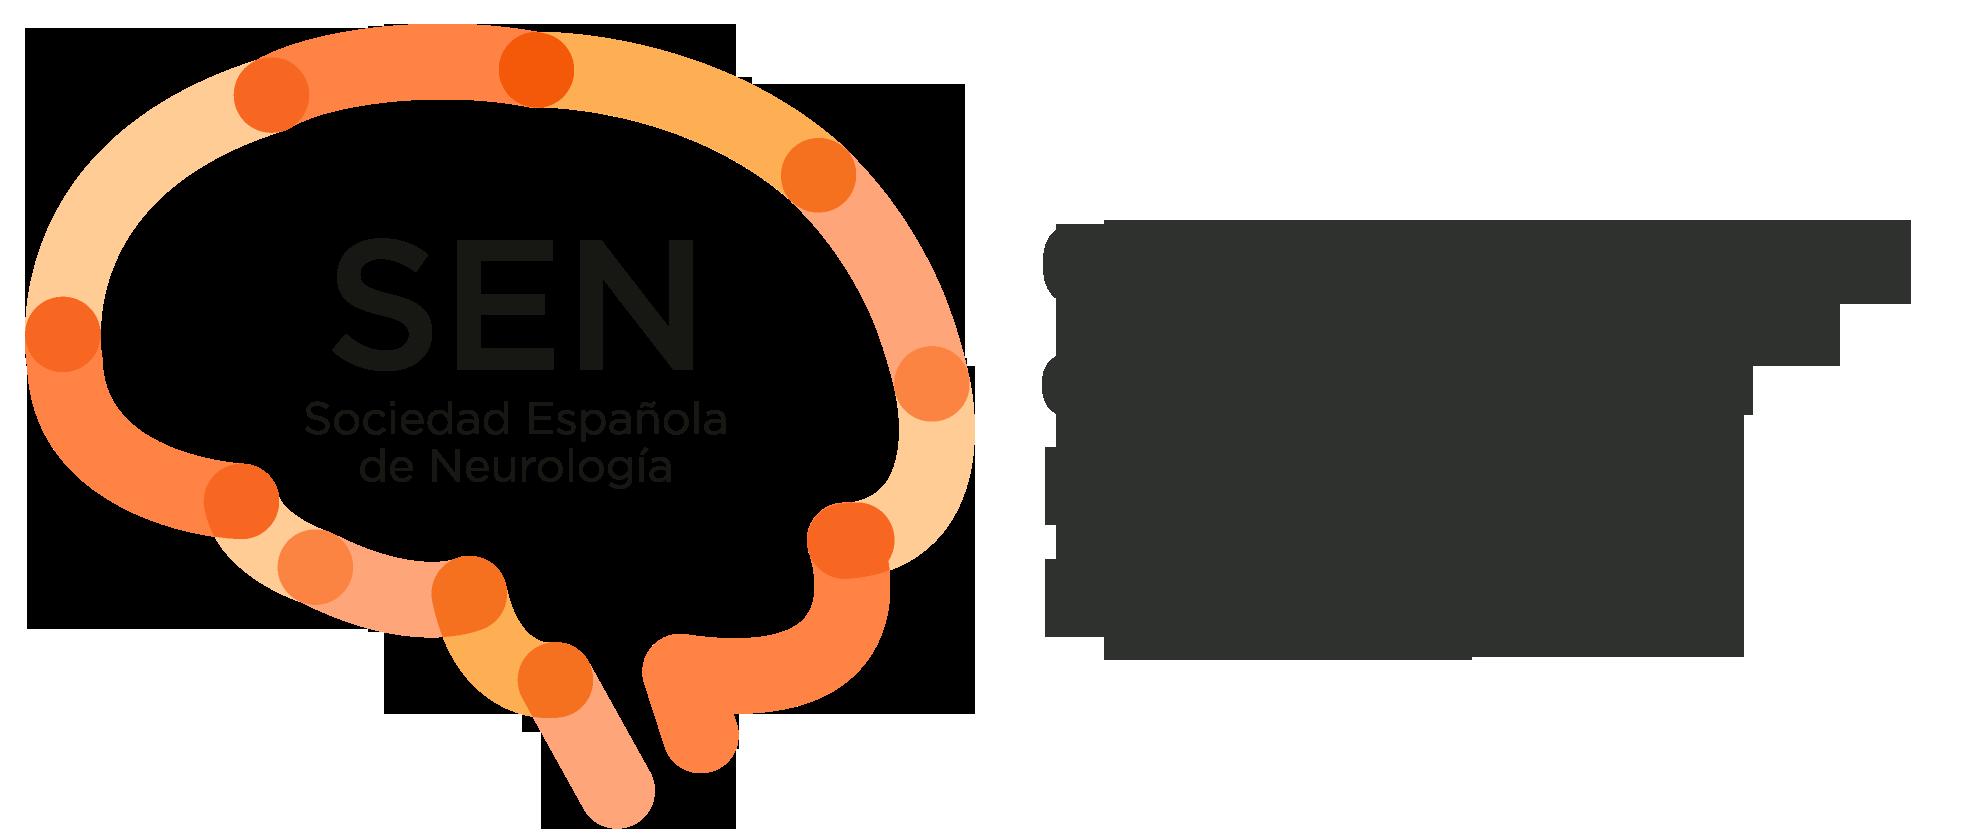 Sociedad Española de Neurología (SEN)